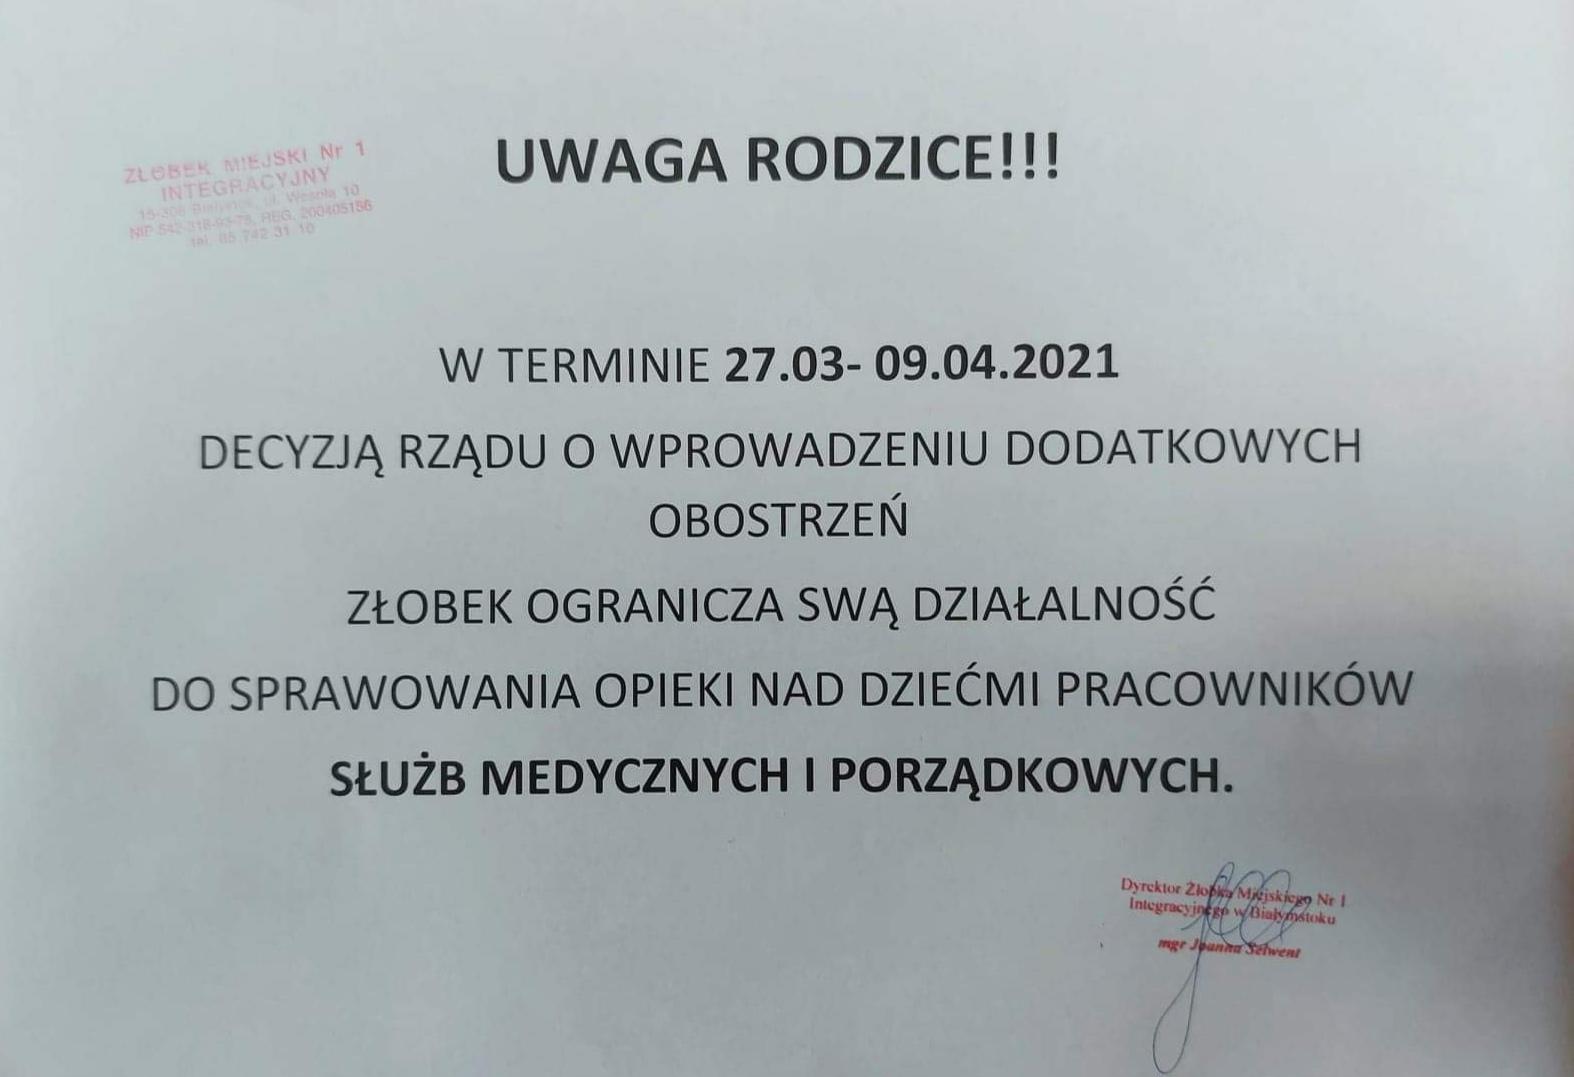 27.03-09.04 OGRANICZENIE DZIAŁALNOŚCI ŻŁOBKA!